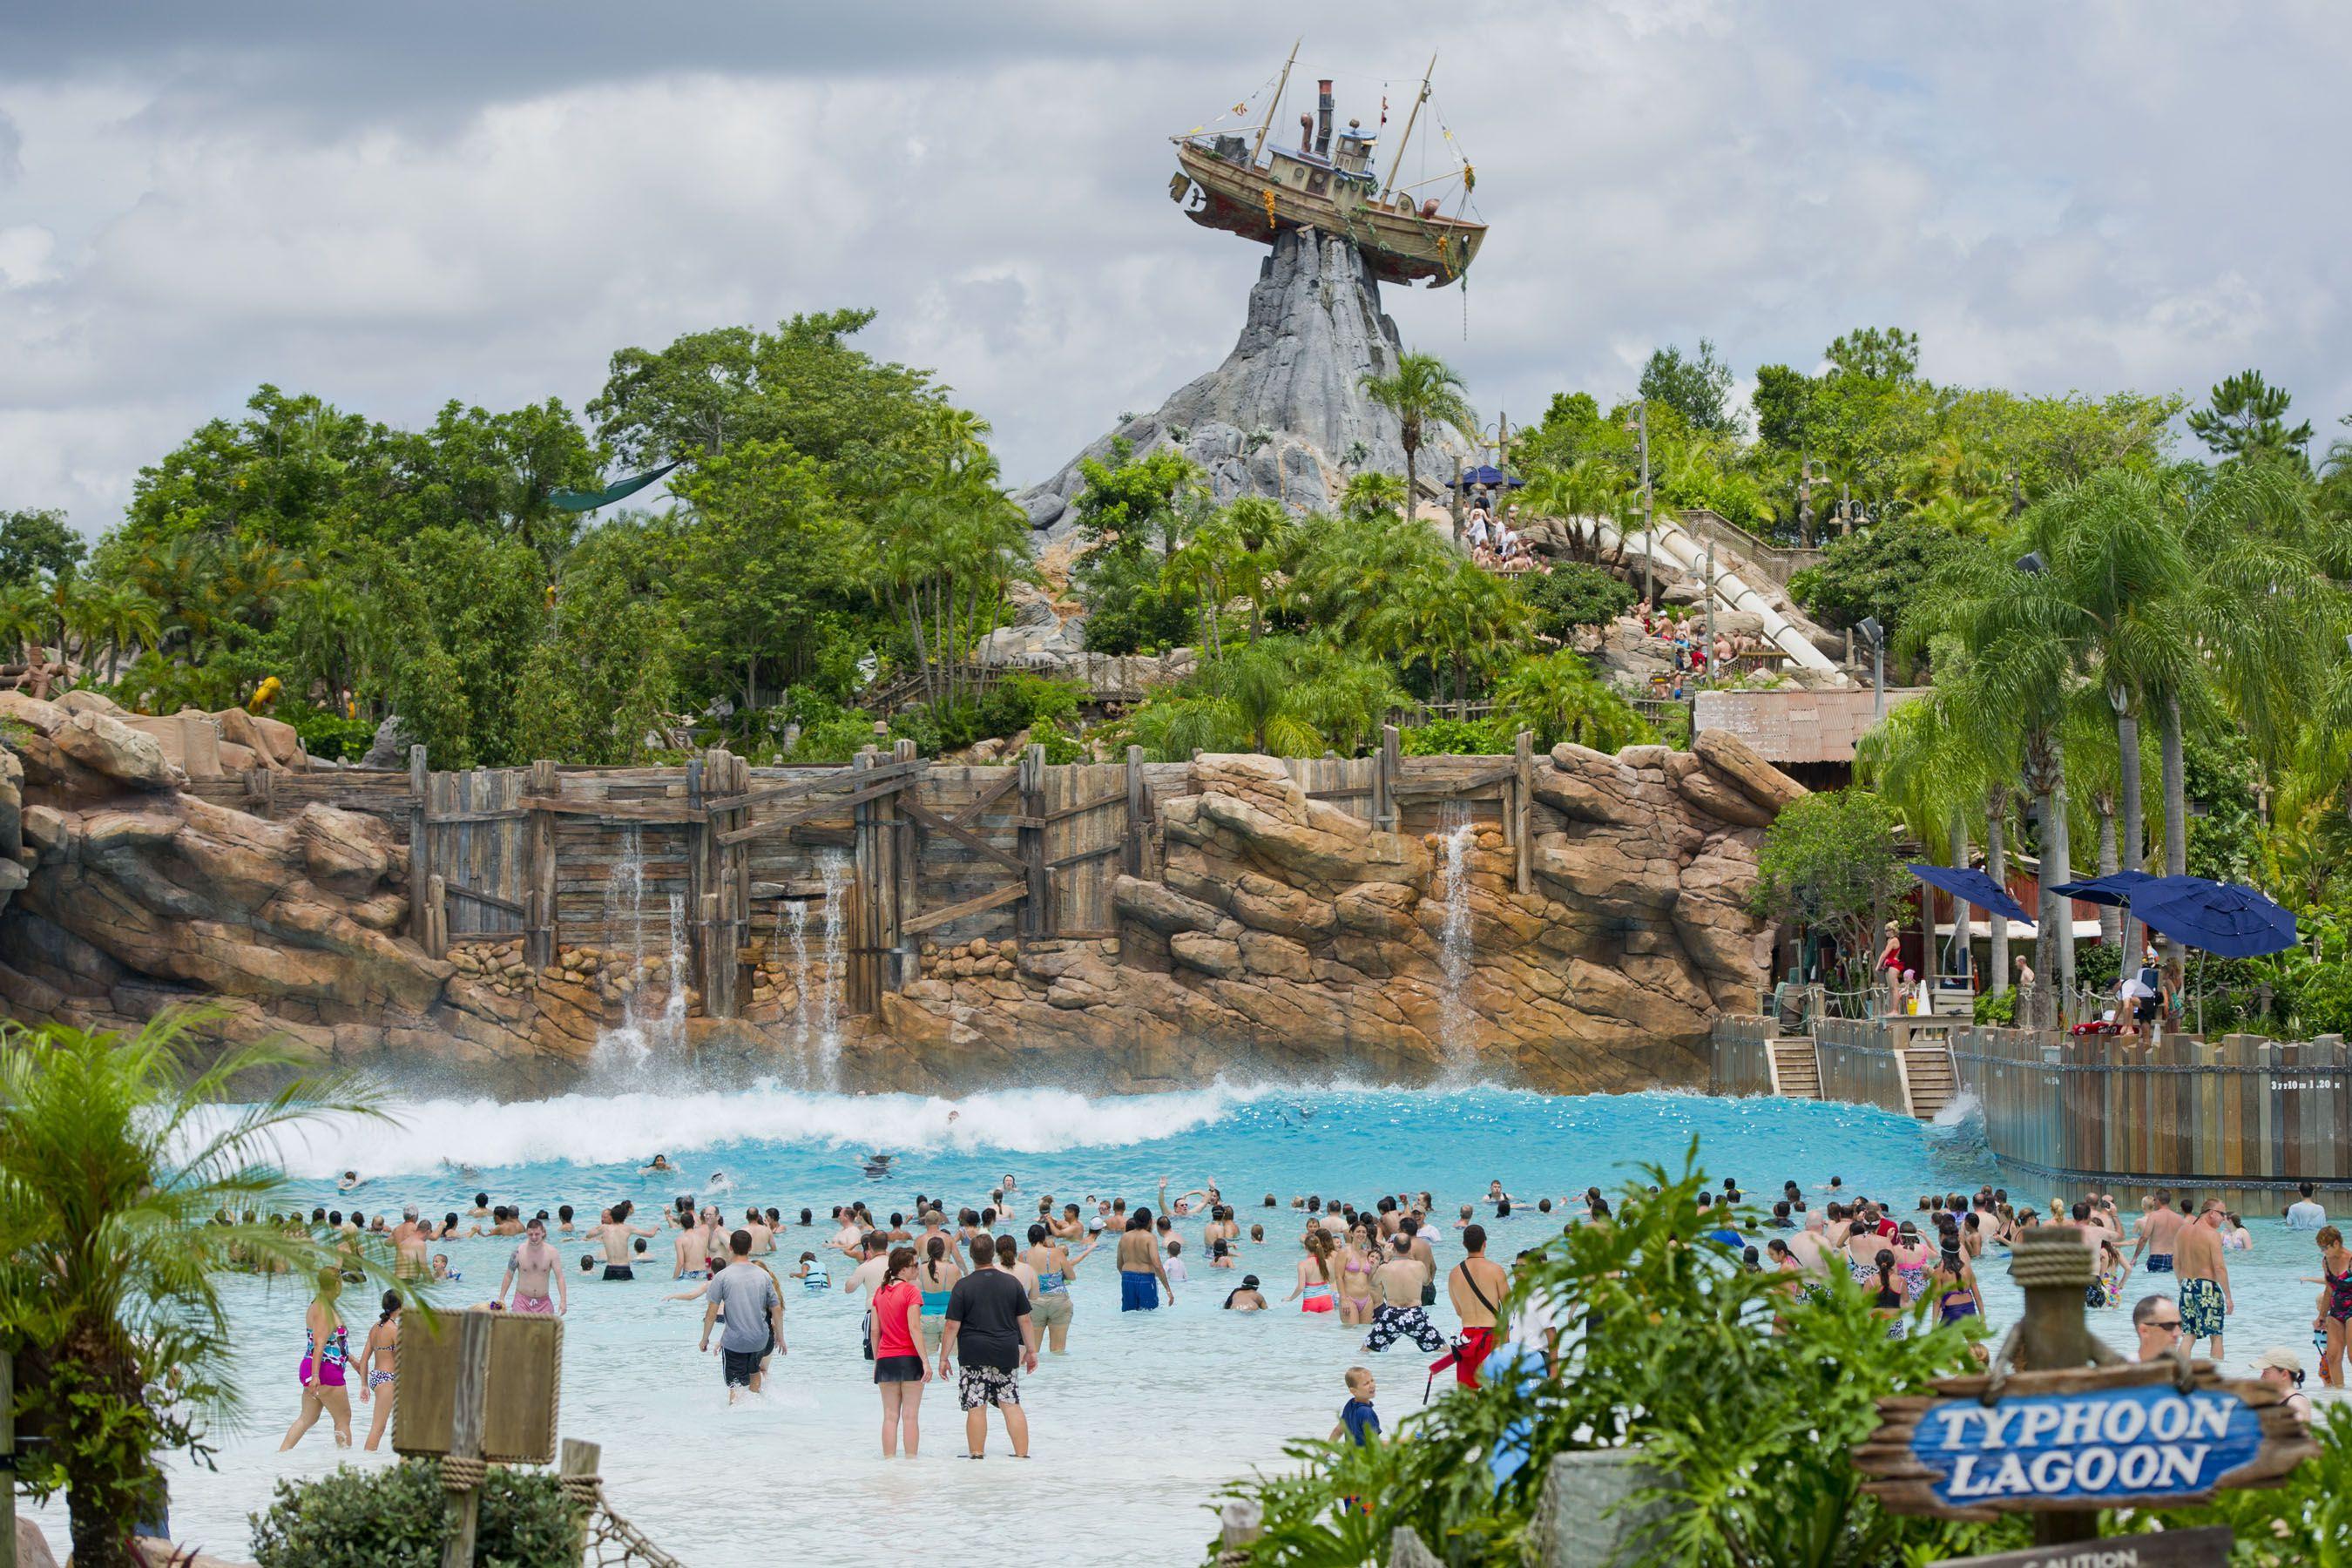 Disney's Typhoon Lagoon water park.